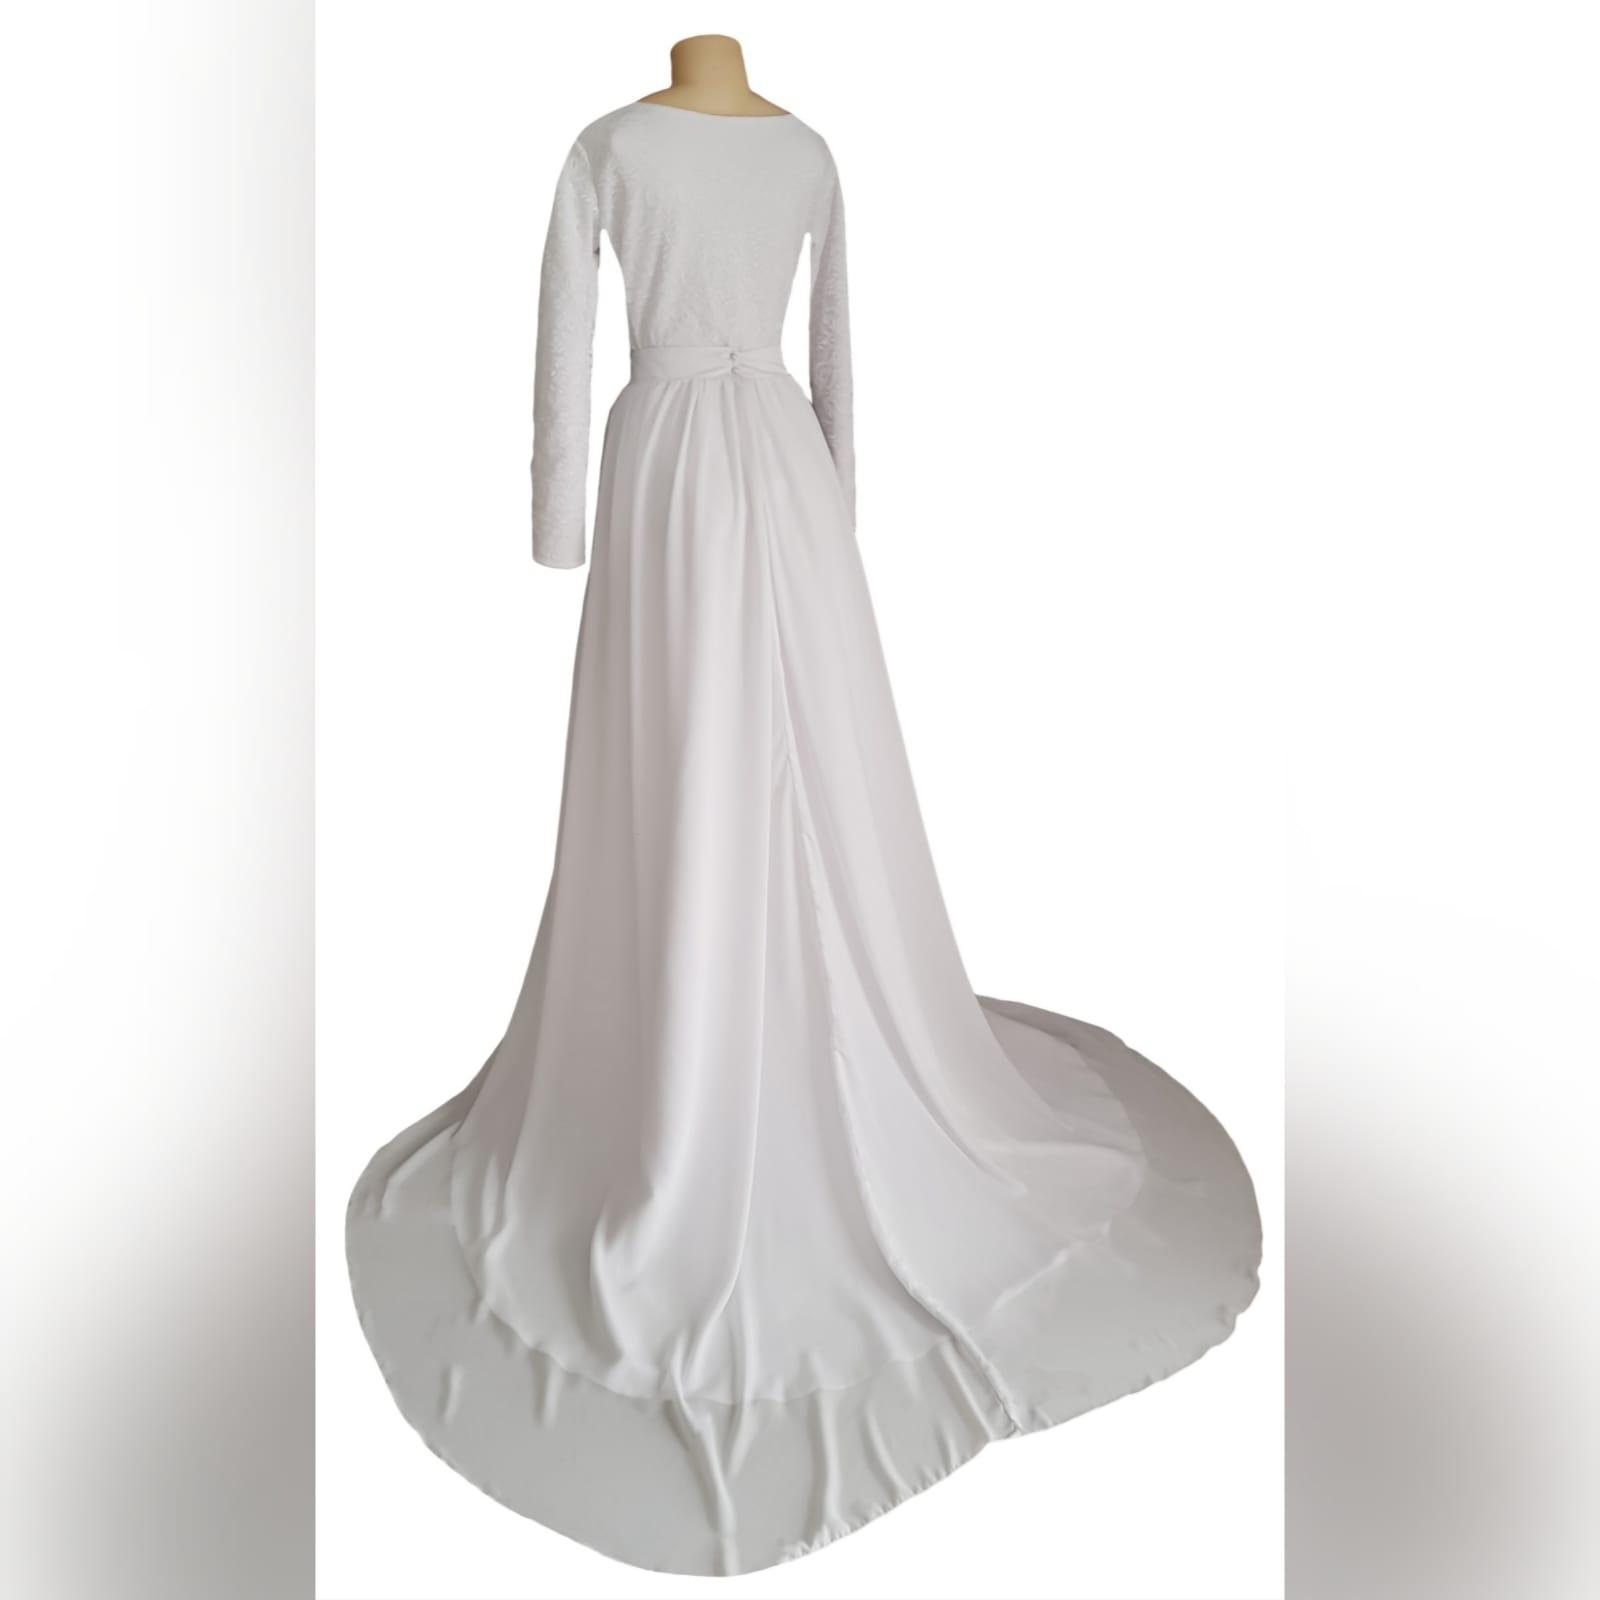 Vestido de noiva simples de 2 peças branco fluido 4 vestido de noiva simples de 2 peças branco fluido. Um corpete bodysuit de renda justo com mangas compridas e decote em jóia. Saia longa larga e fluida, com uma camada de chiffon e uma longa cauda.